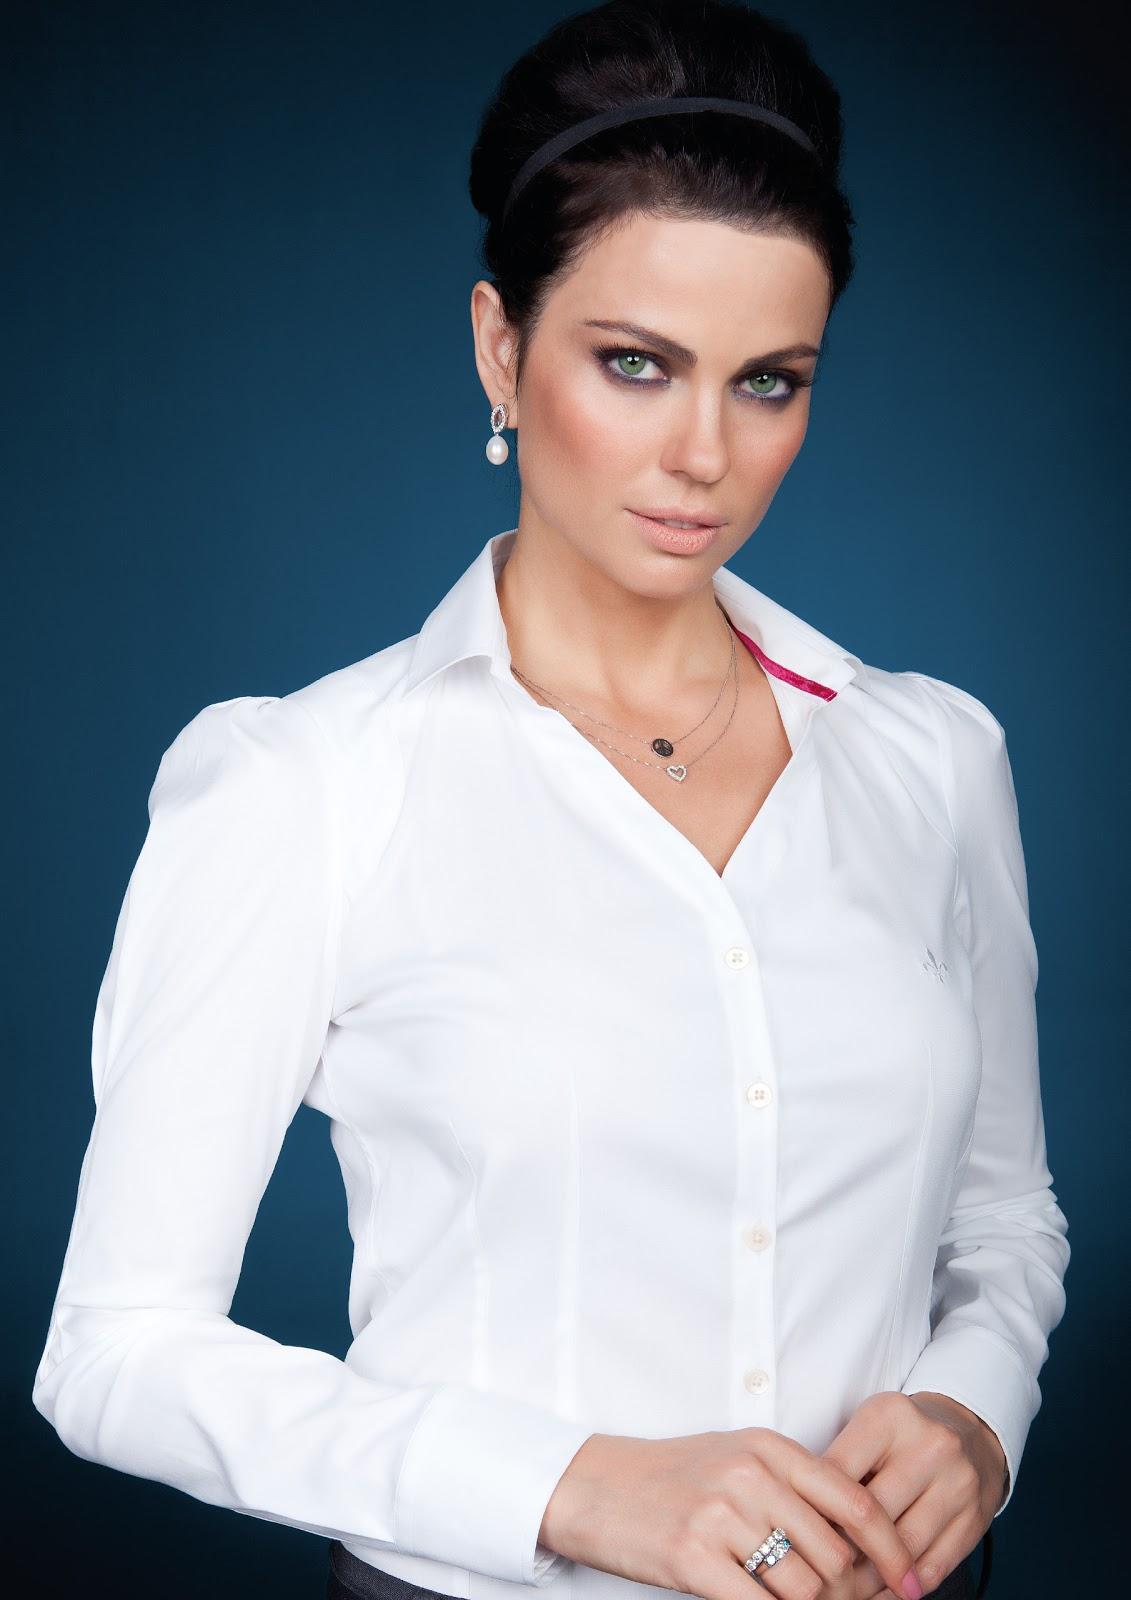 a85d4df6f0518 Os novos modelos foram feitos na medida exata para encantar mulheres que  decidem e sabem reconhecer o primor das camisas elaboradas com tecidos  nobres e ...